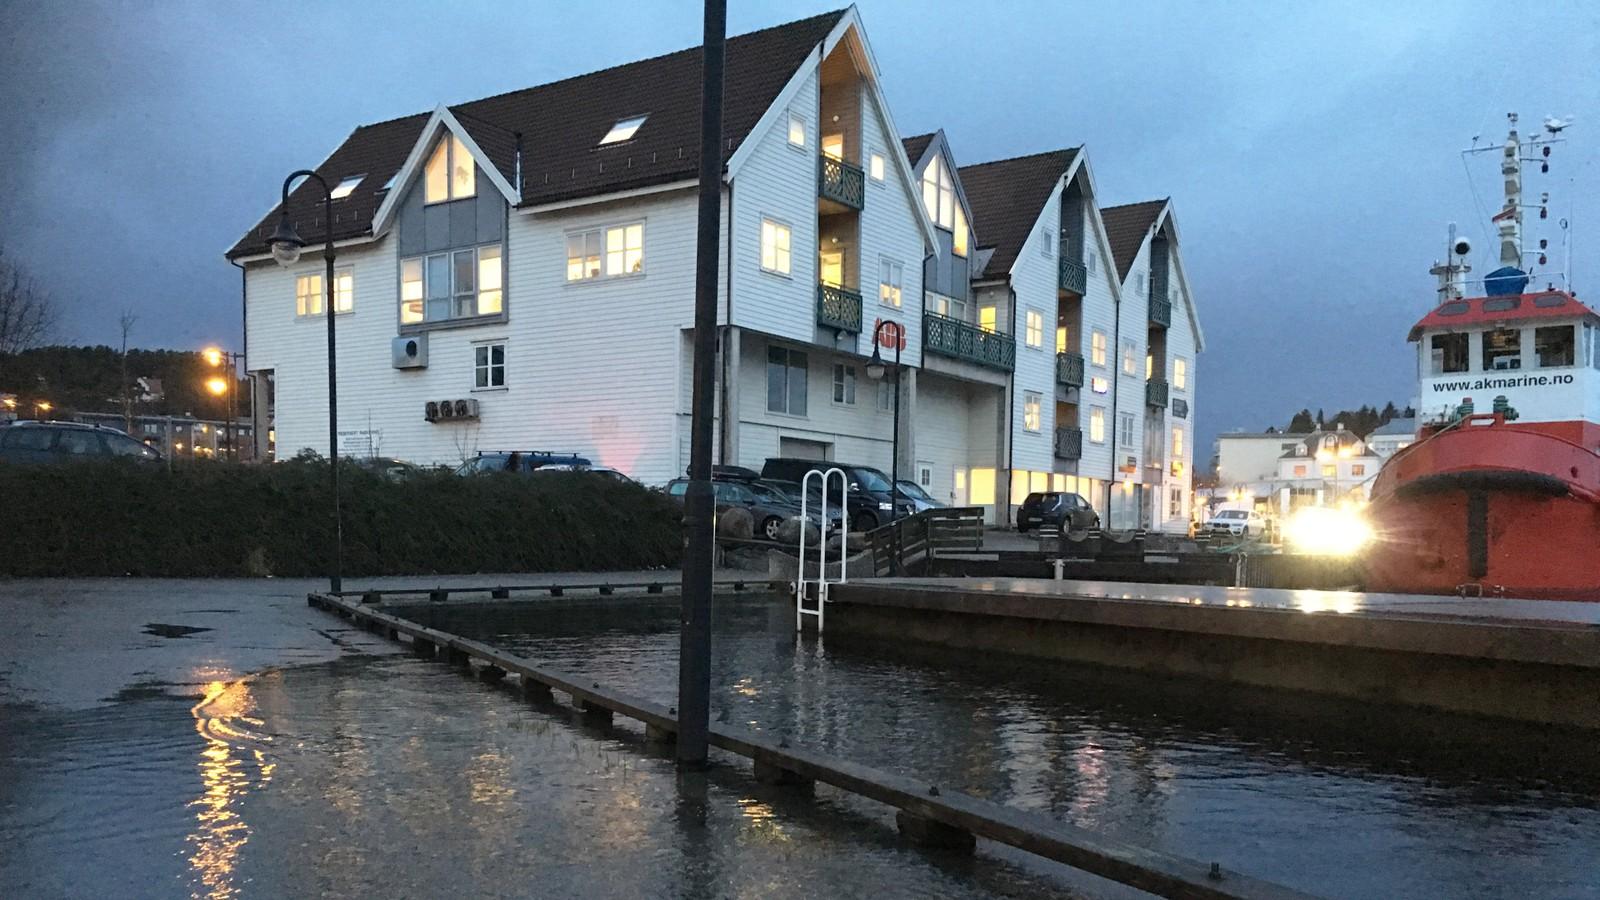 SKVULPER: Klokken 09 var det fortsatt et stykke igjen før vannet når over kanten av kaien på båthavnen i Leirvik på Stord.